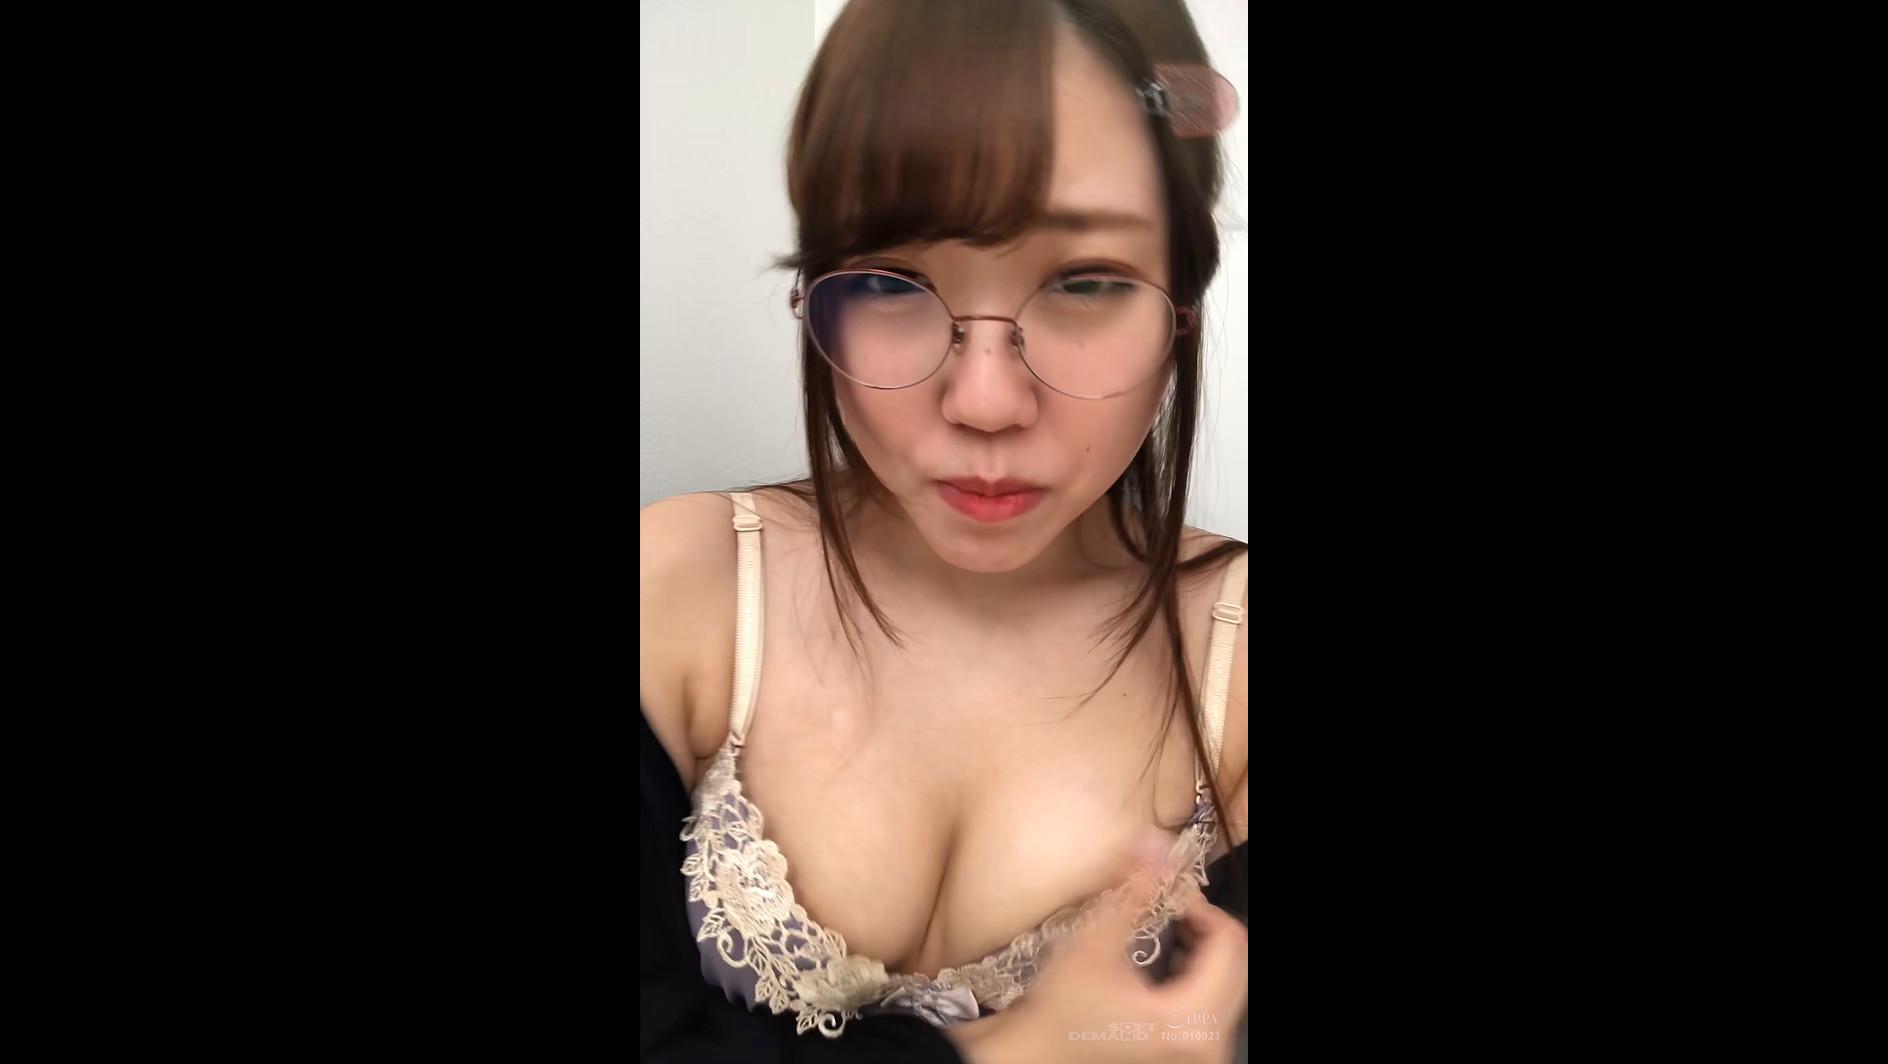 ビデオ通話エッチ JOI ゆん 【縦動画】 画像15